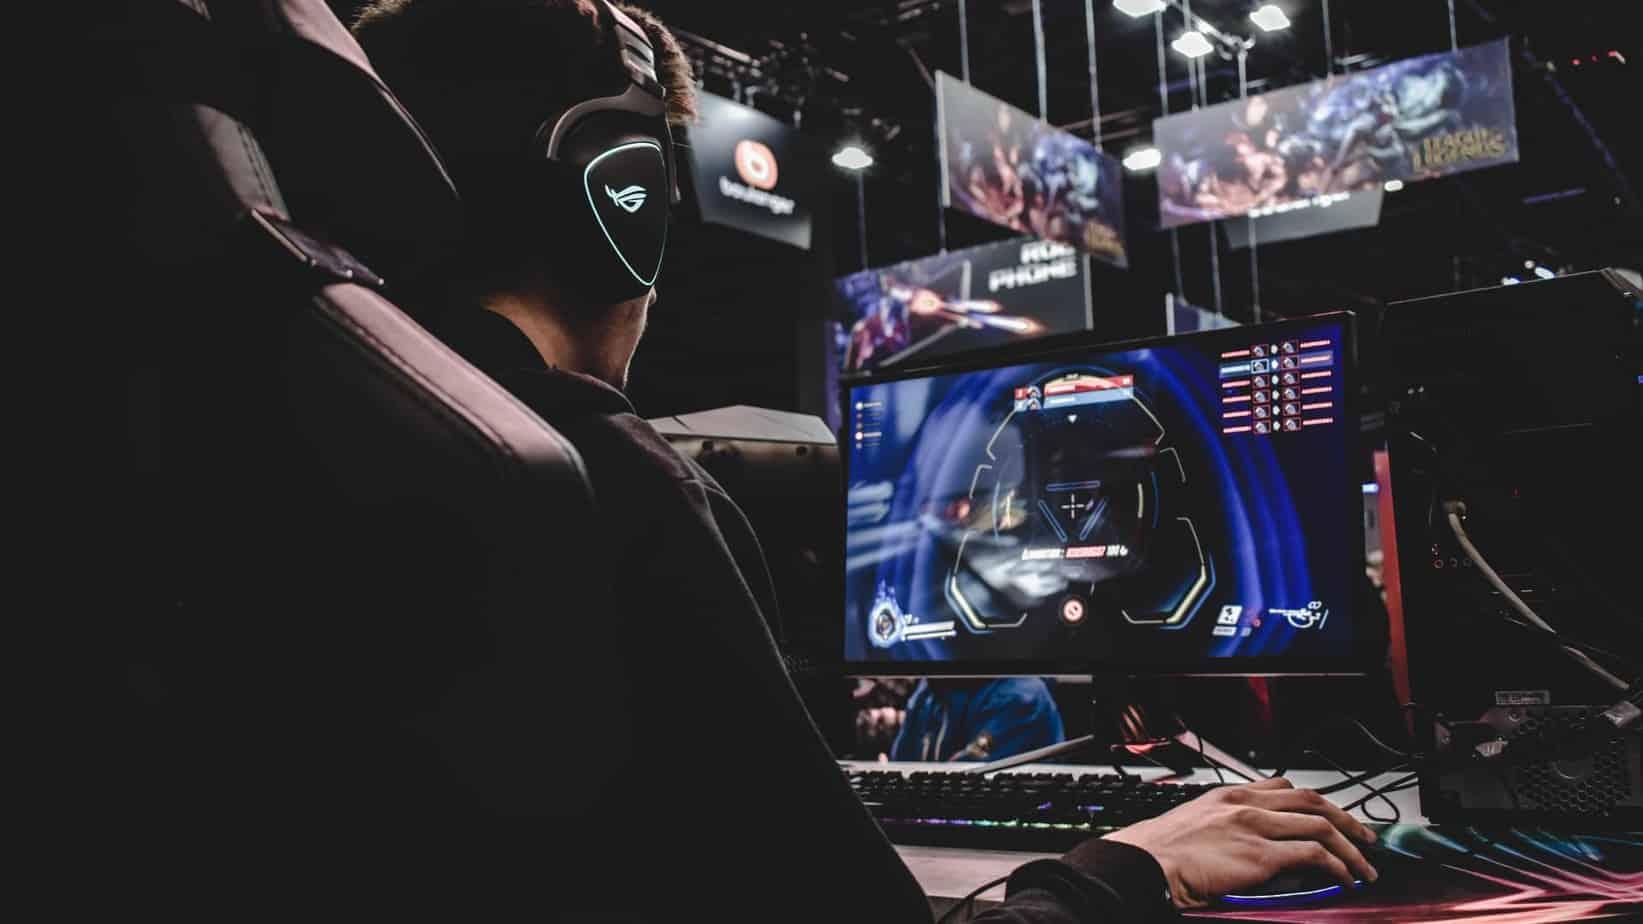 La conférence PC Gaming Show c'est déroulé à l'occasion du deuxième jour de l'E3 et elle nous a réservée de belles annonces.